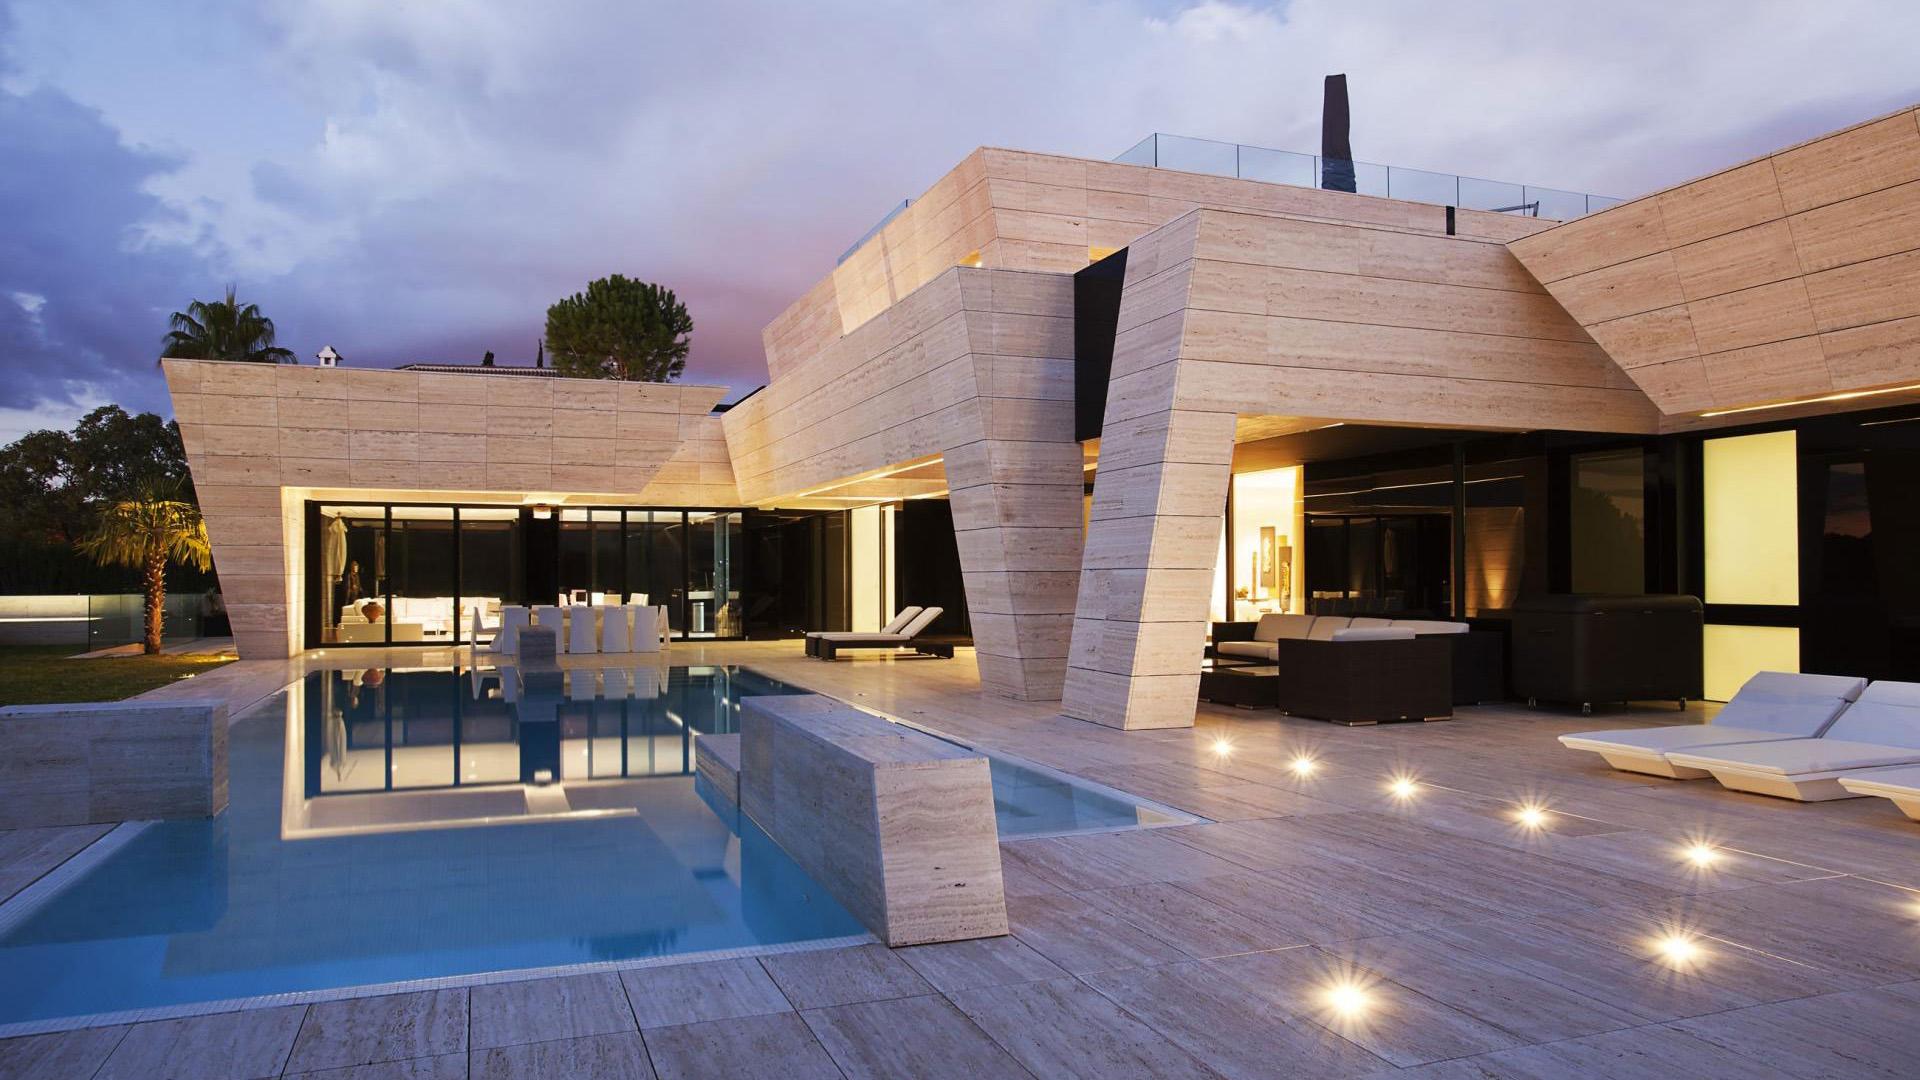 viviendas malaga